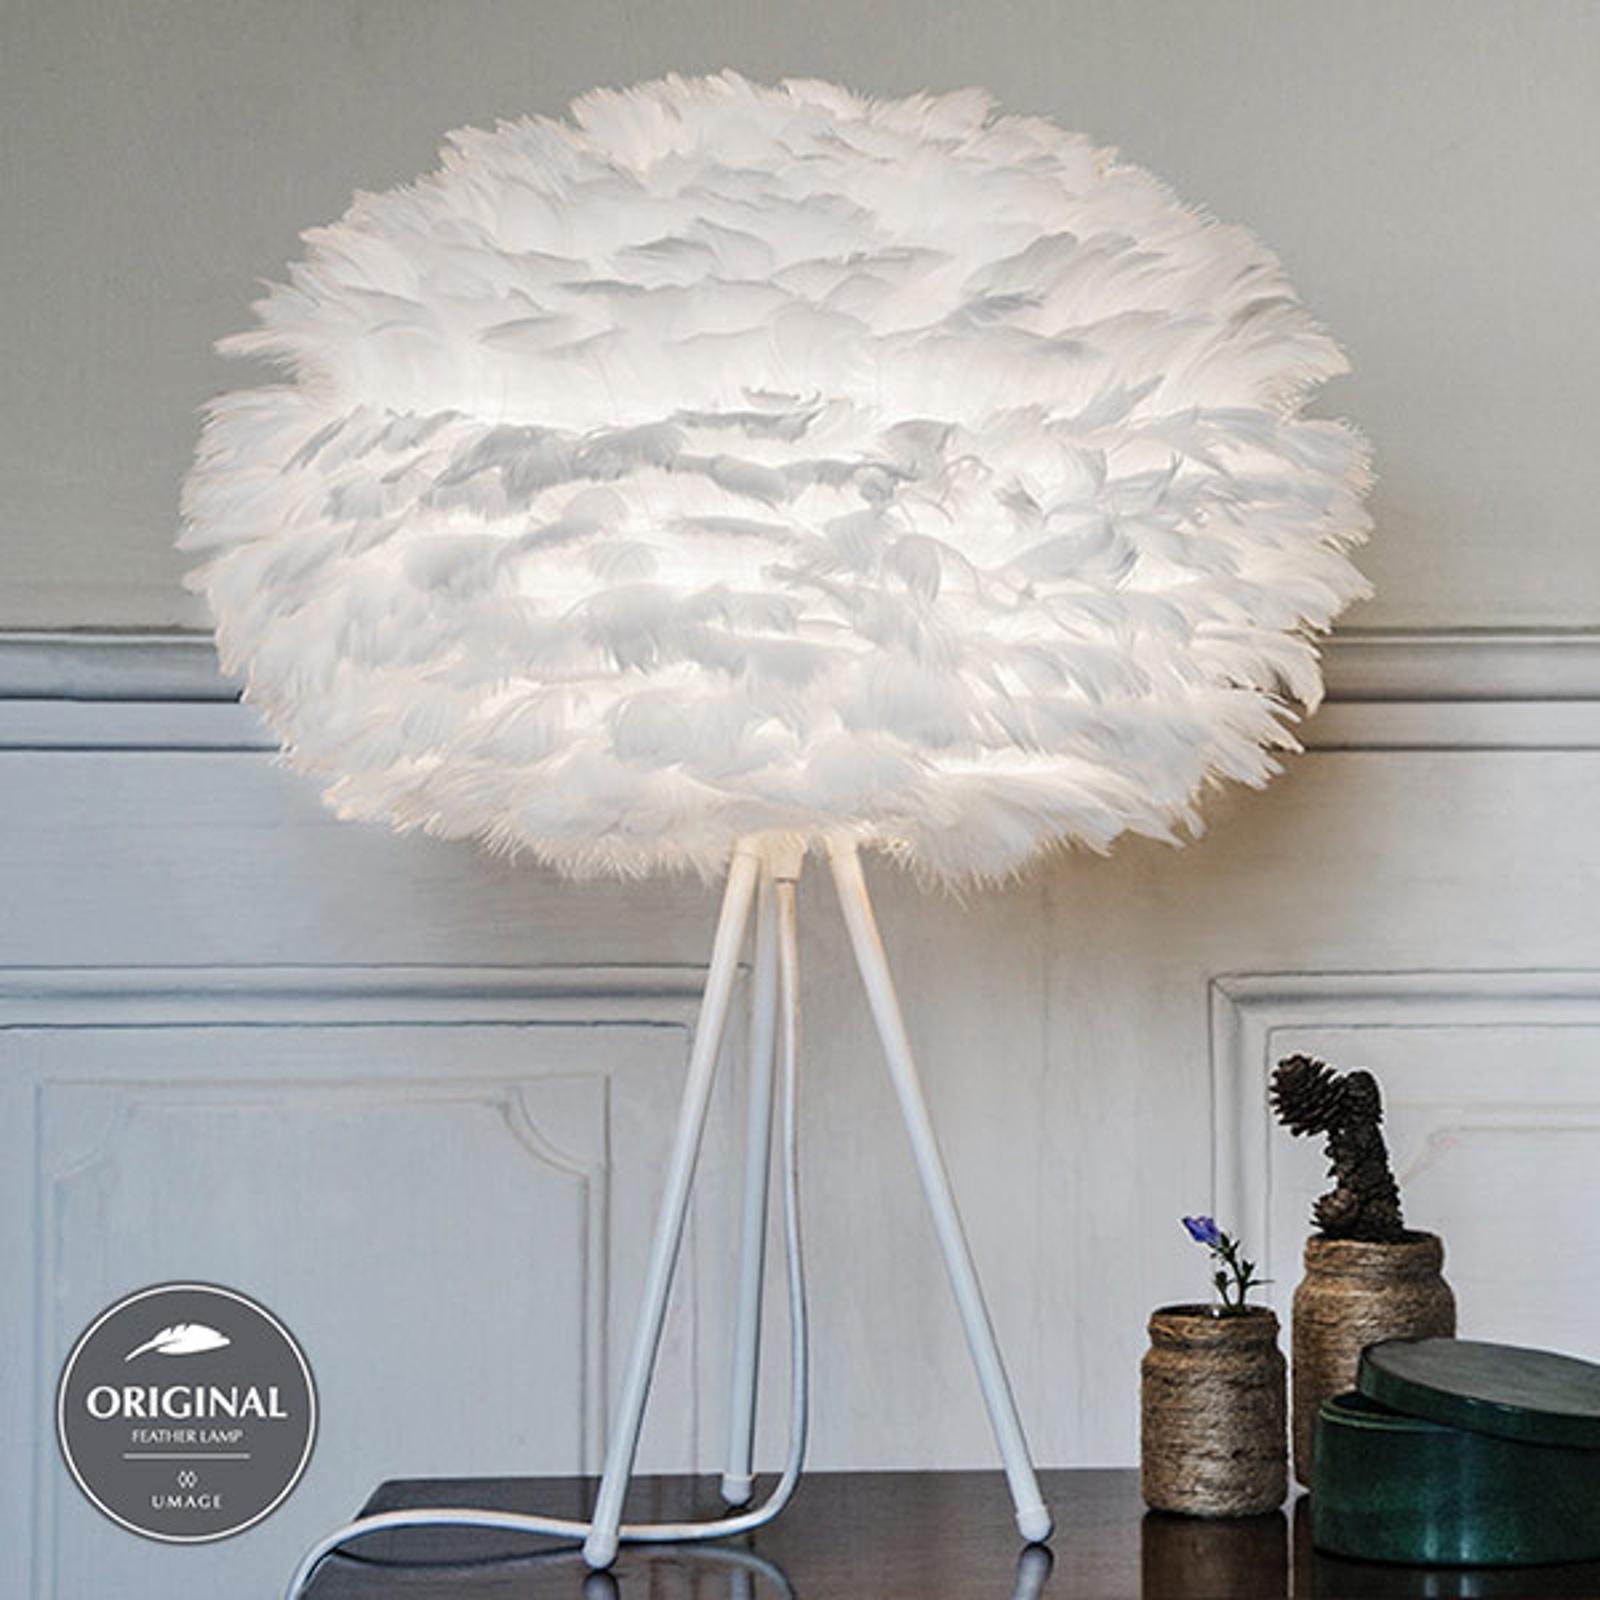 Acquista UMAGE Eos medium lampada da tavolo bianca